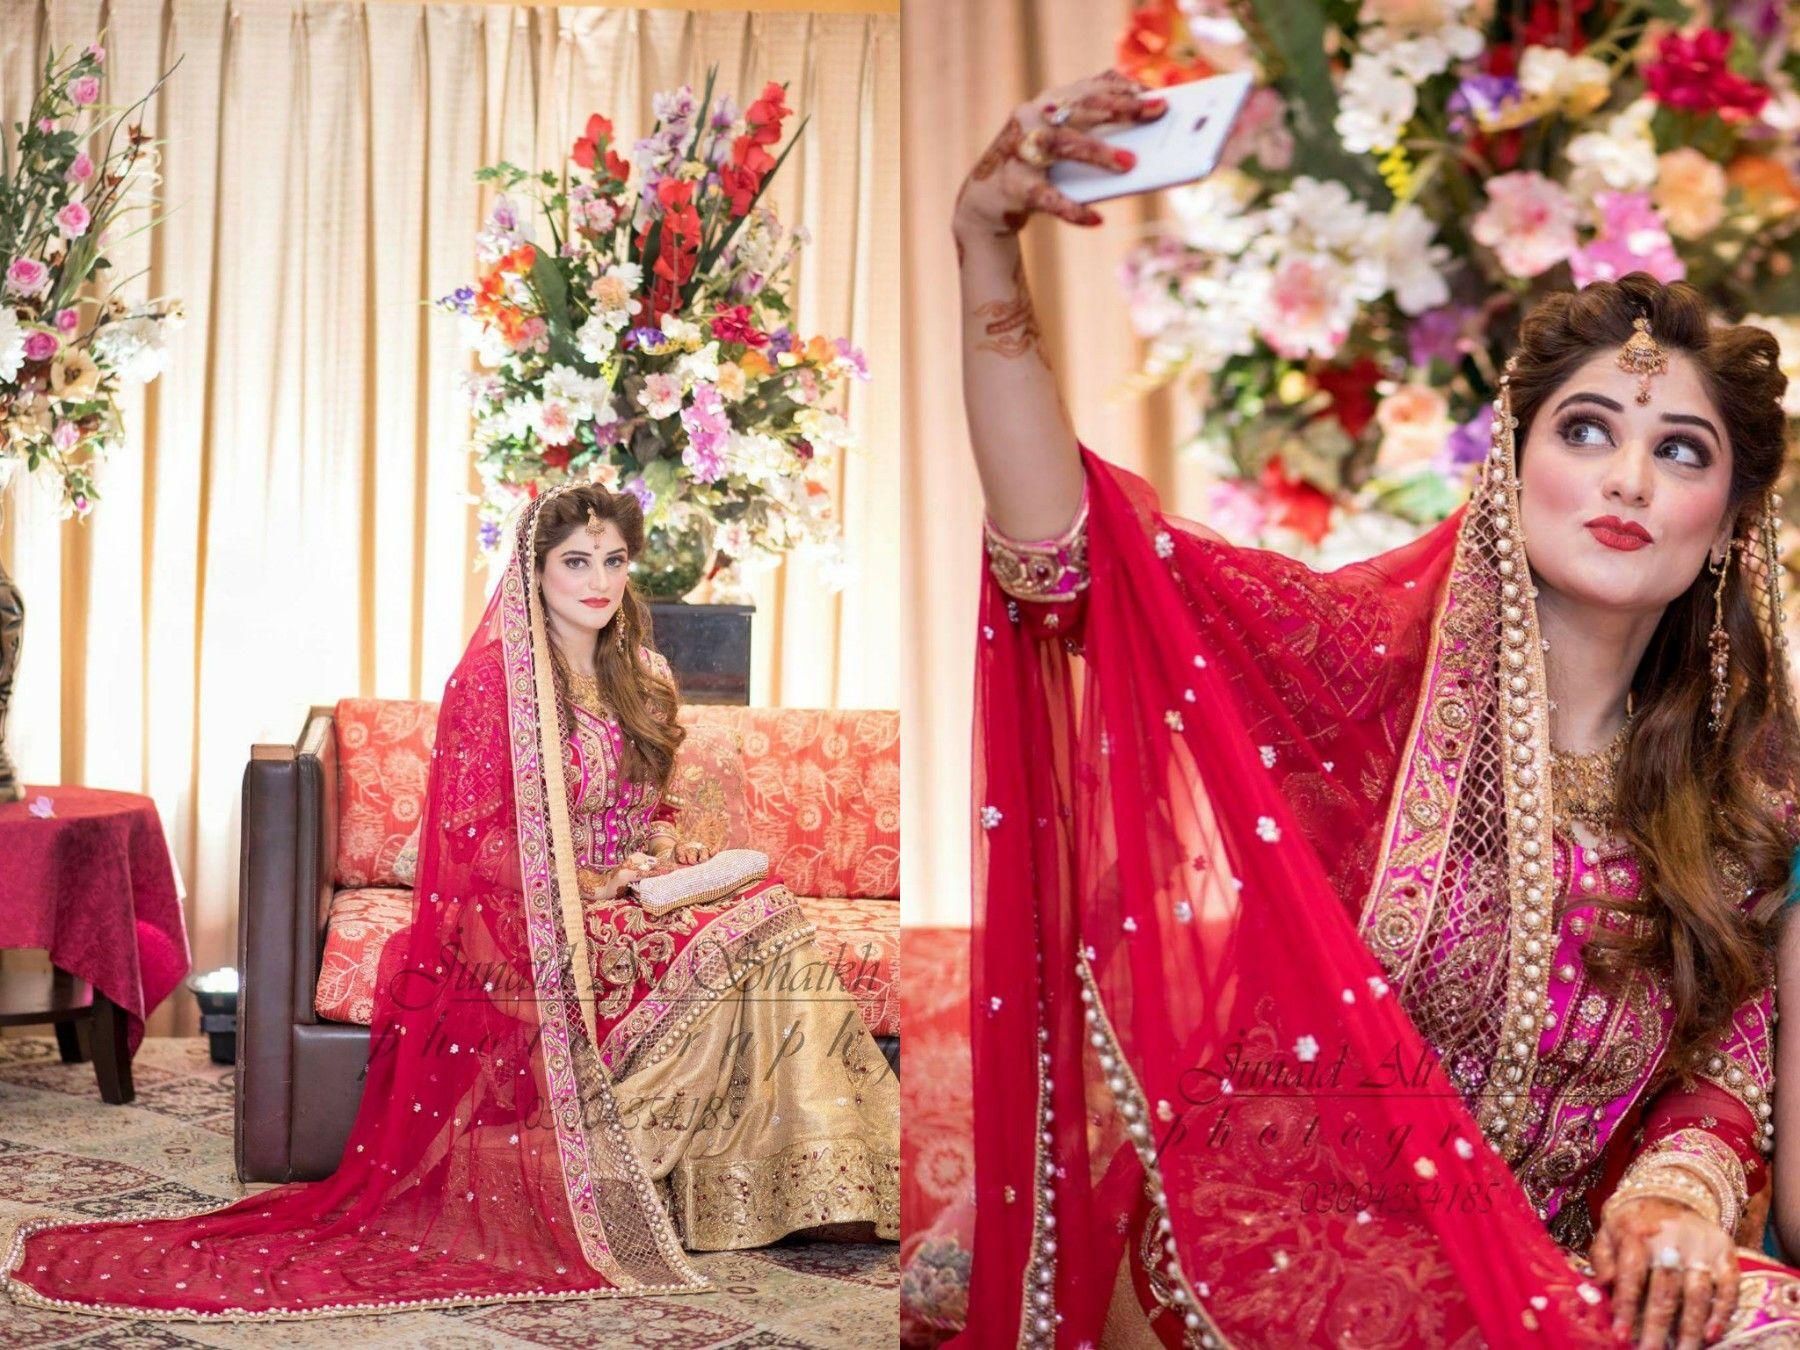 Junaid Ali shaikh photography   Bridal wear   Pinterest